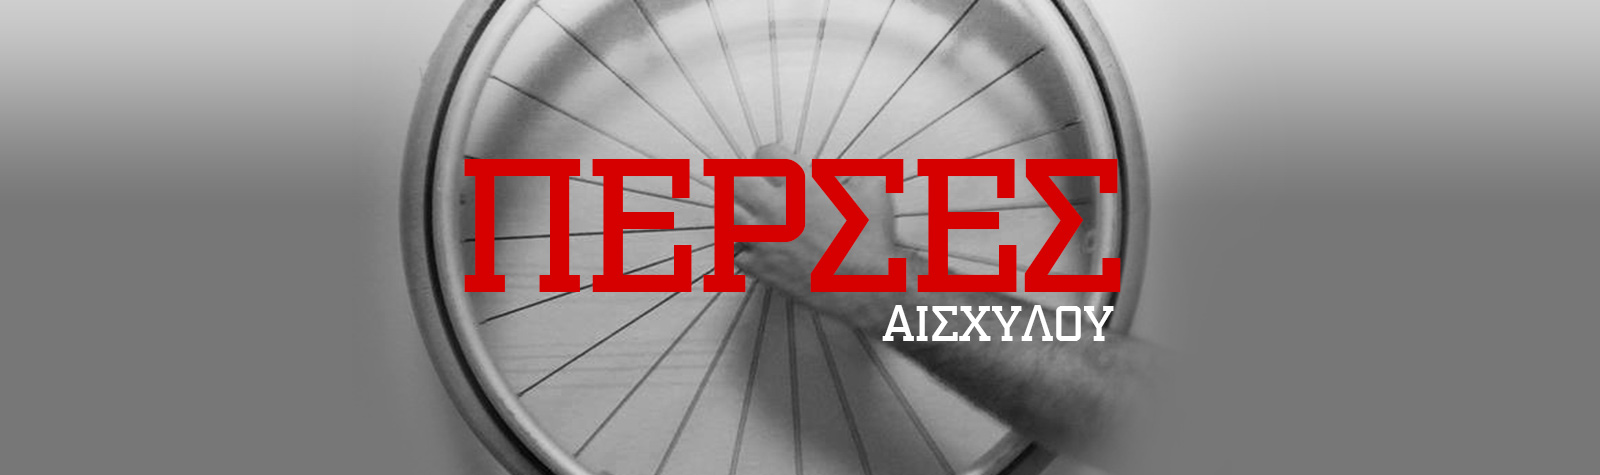 Πέρσες του Αισχύλου στo Φεστιβάλ Αθηνών & Επιδαύρου